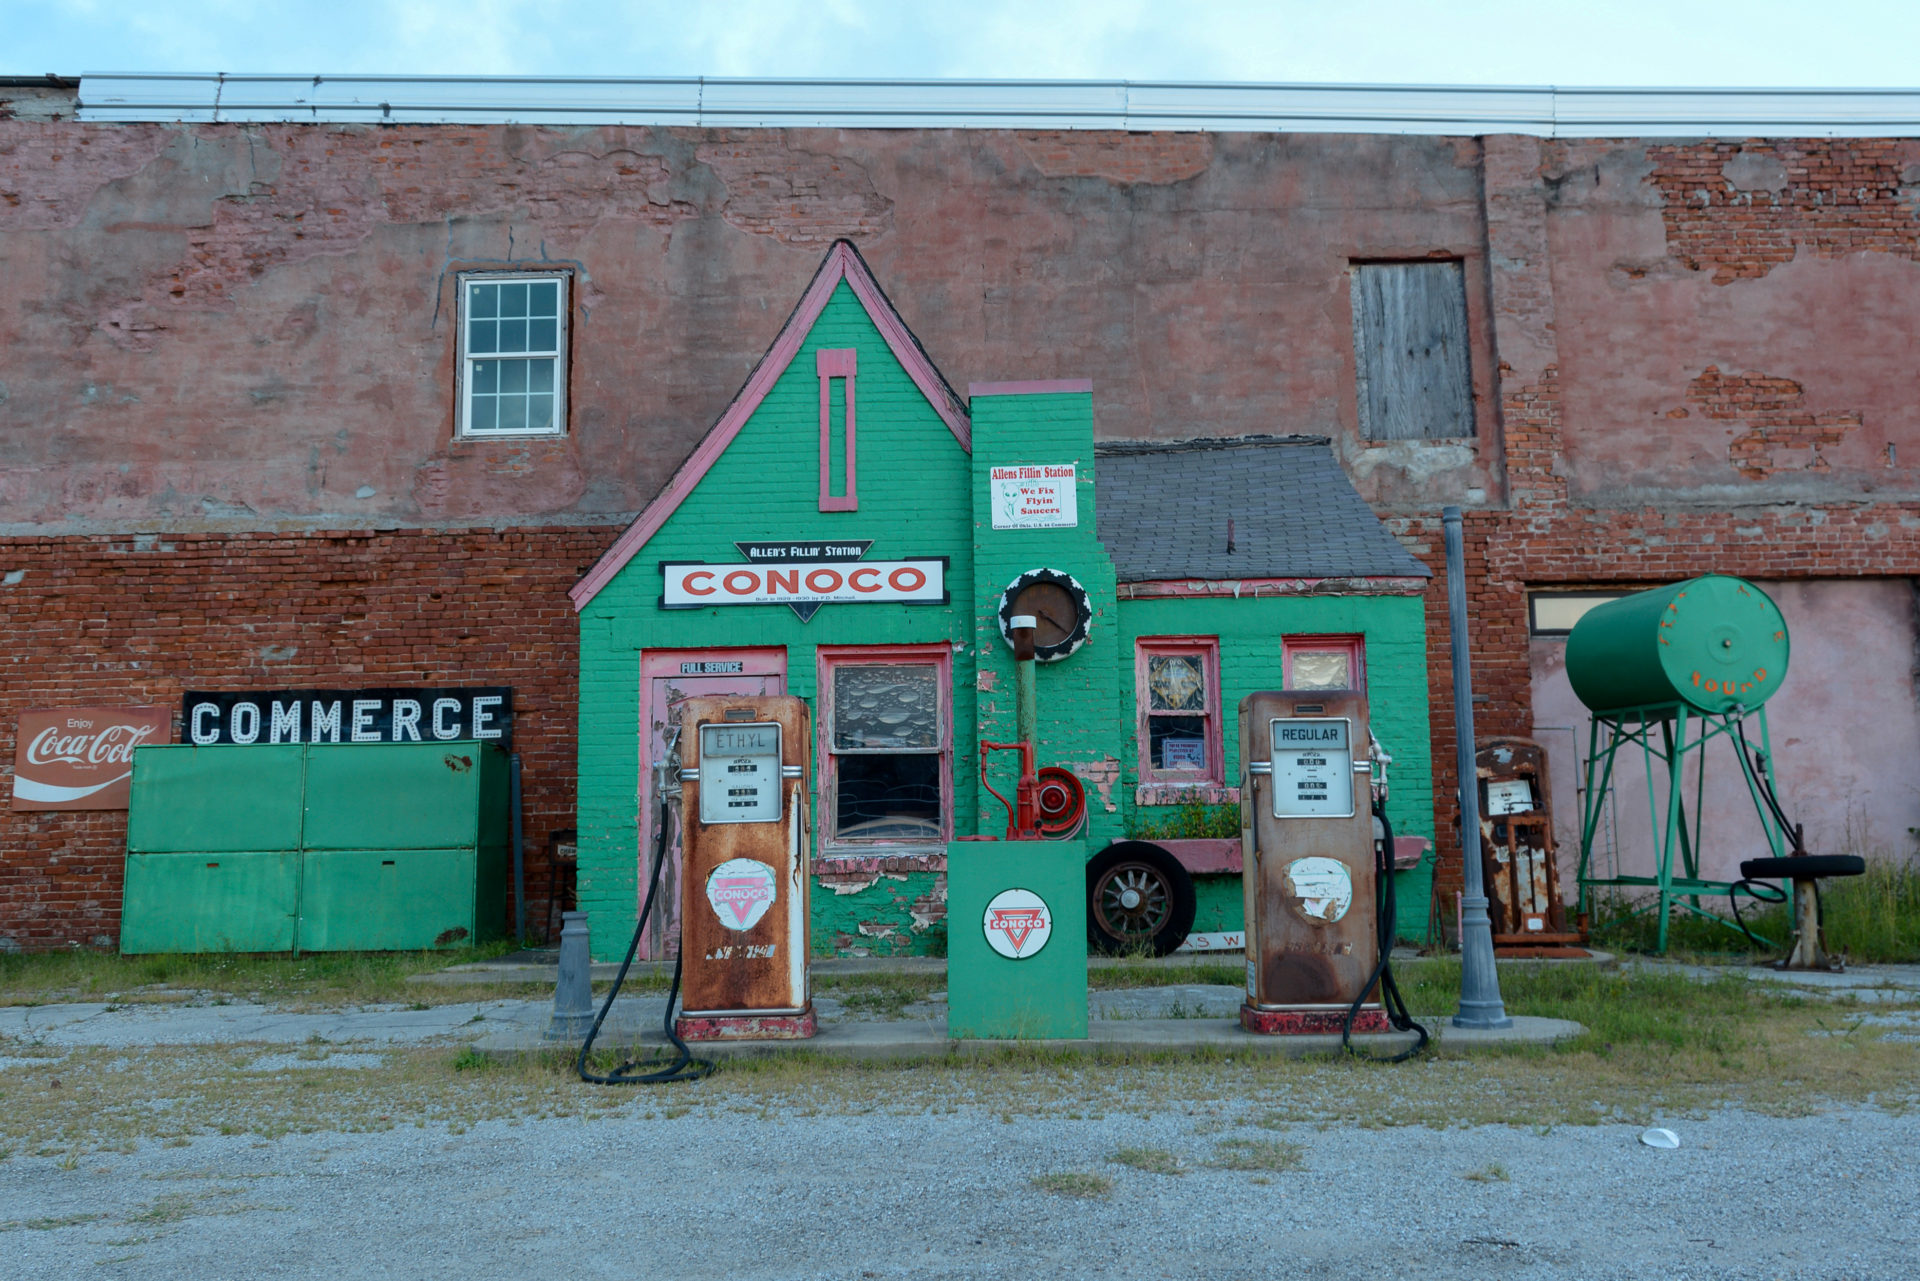 Die Conoco-Tankstelle in Commerce, Oklahoma, ist ein Klassiker an der Route 66